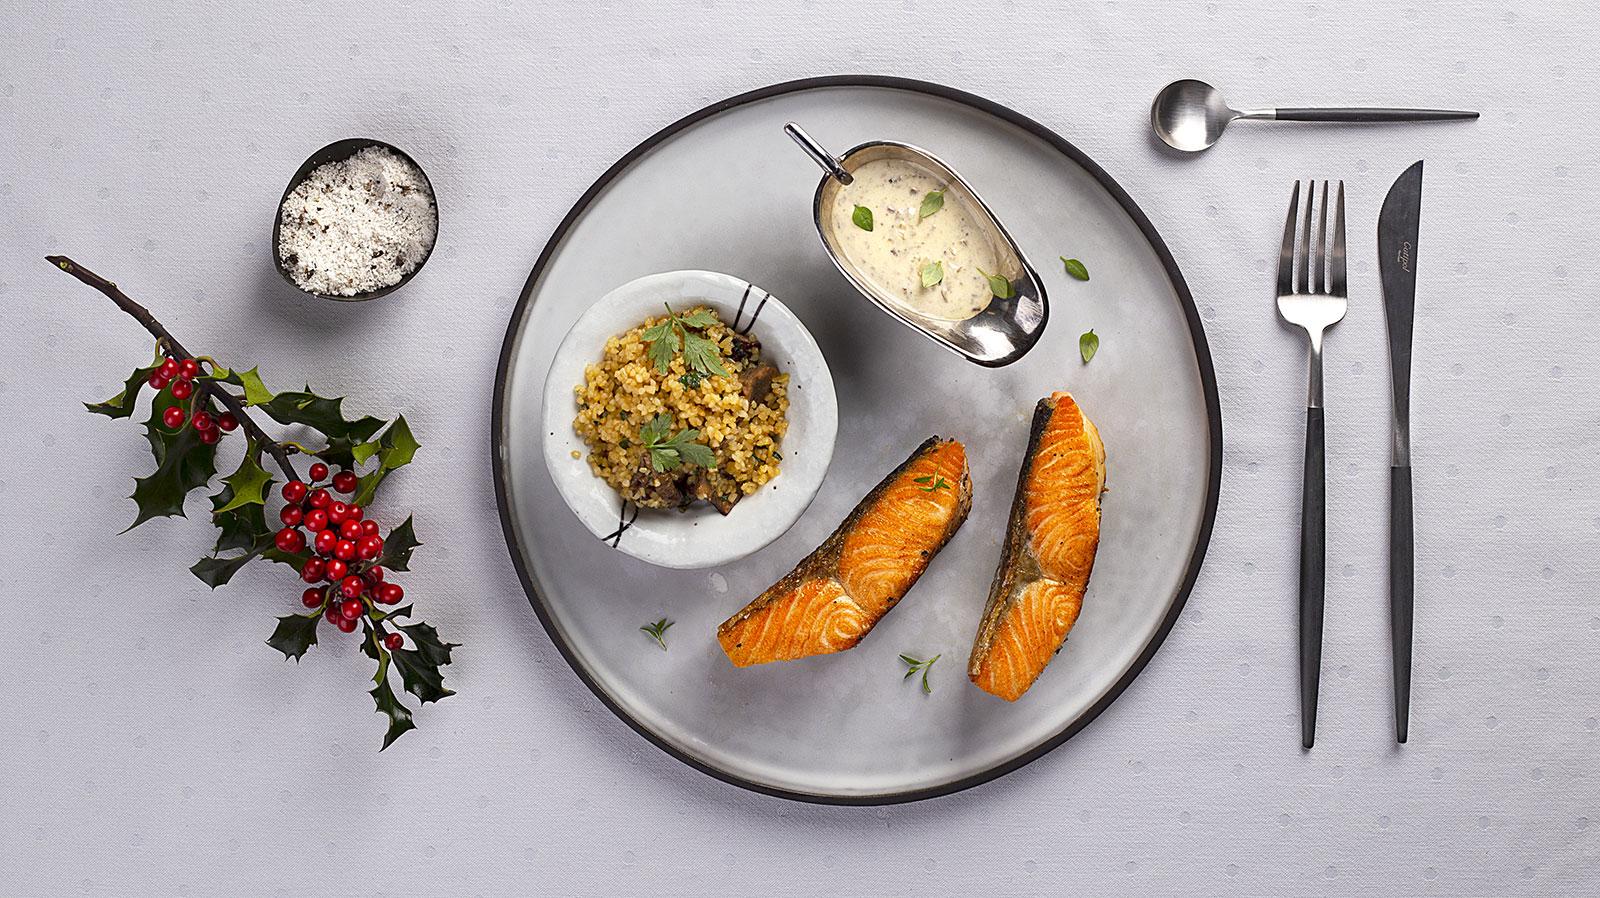 Łosoś zapiekany z sosem truflowym i bulgurem ze smażonymi grzybami.